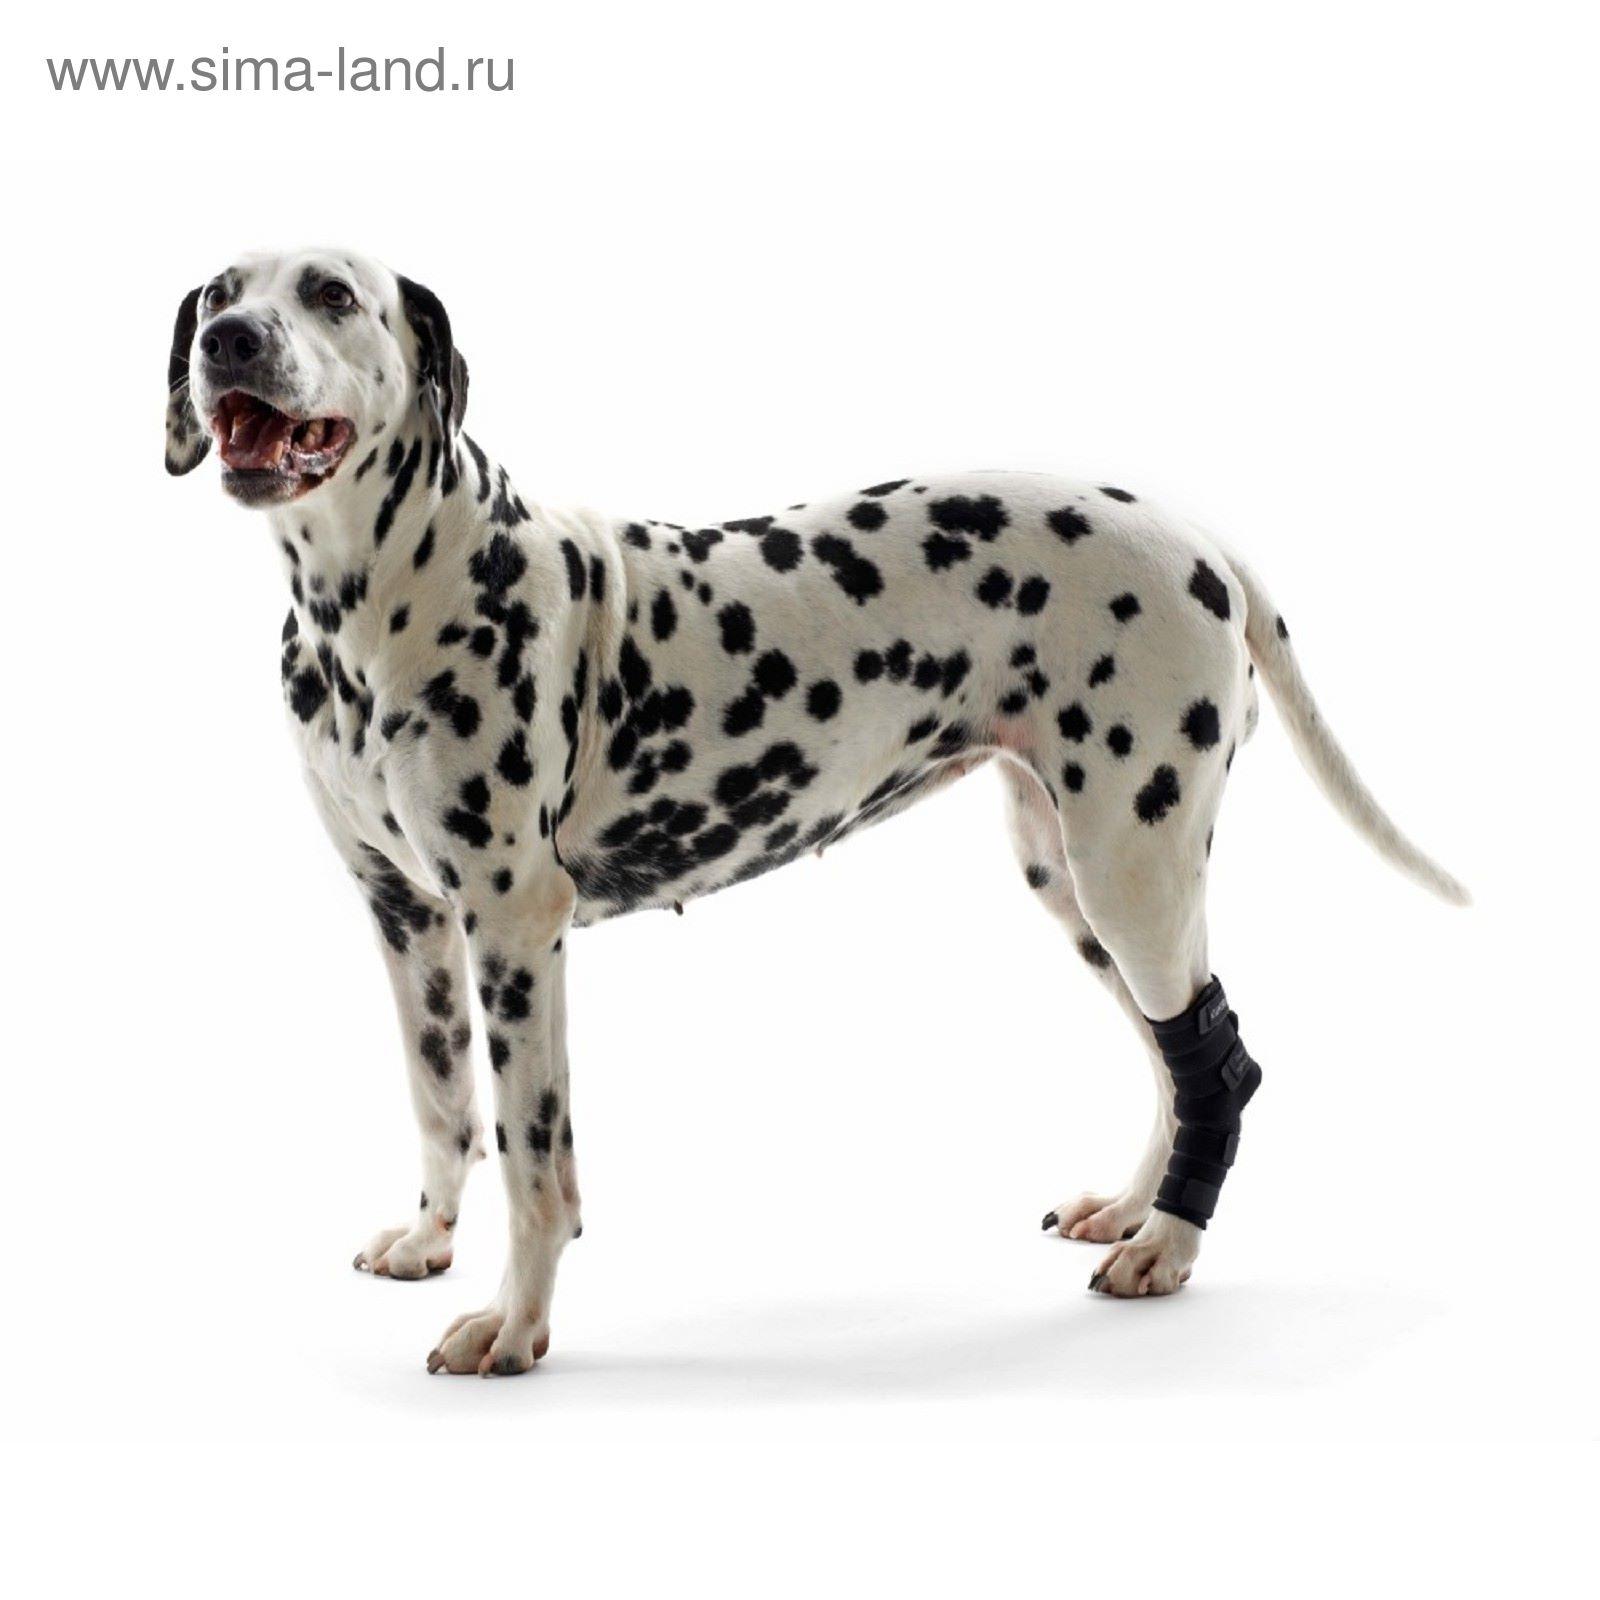 Протектор на скакательный сустав для собак ревматоидный артрит коленного сустава фото